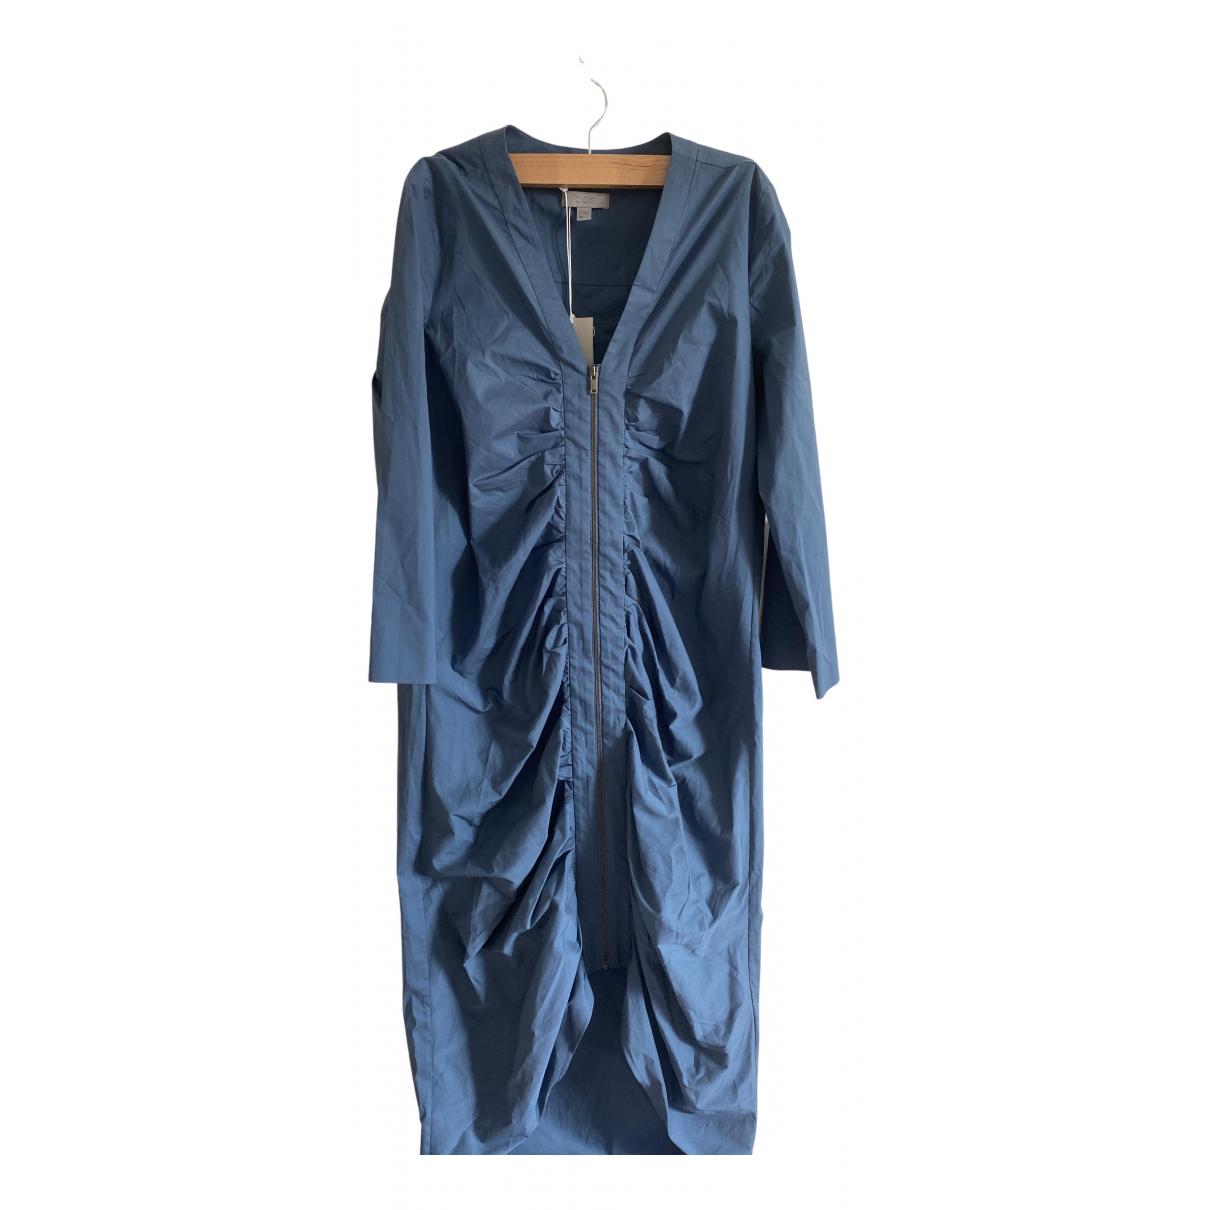 Cos \N Kleid in  Blau Baumwolle